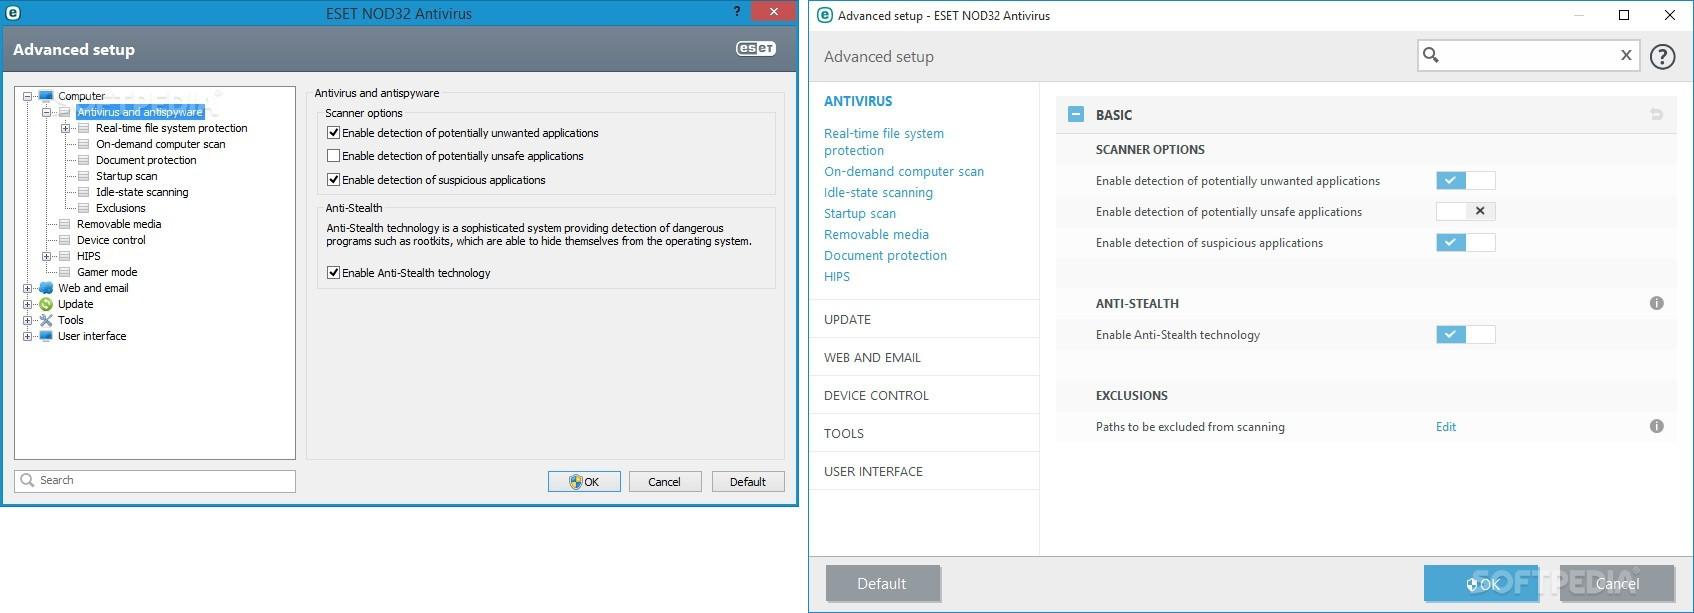 ESET NOD32 Antivirus 9 Review - Close, but No Cigar